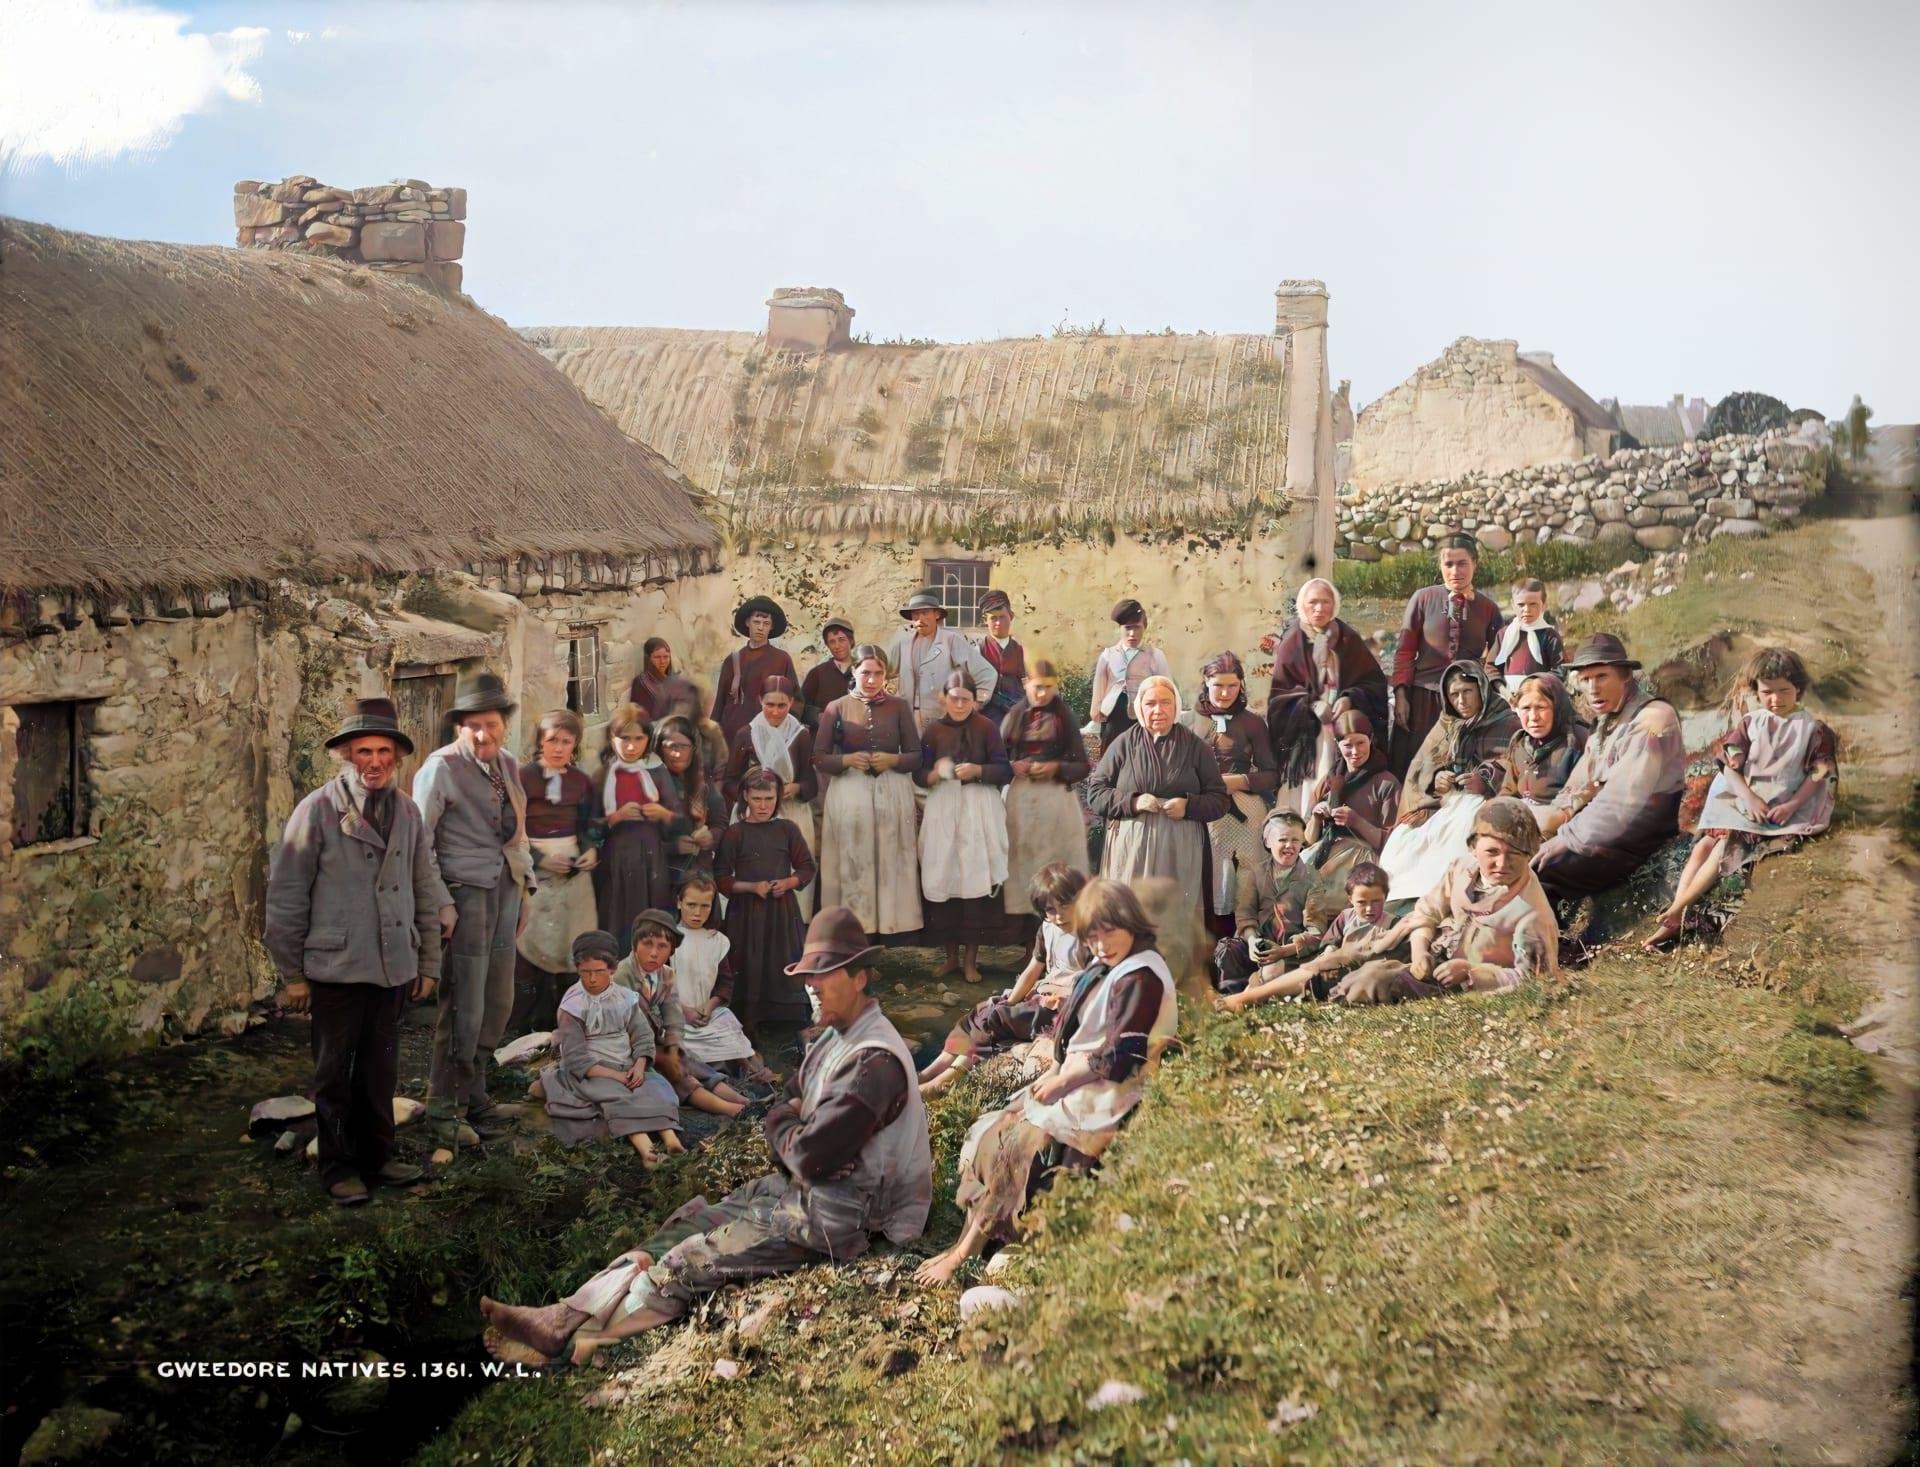 بلمسة من الذكاء الاصطناعي.. مشروع لاستعادة الصور يسلط الضوء على الحياة في أيرلندا قديماً